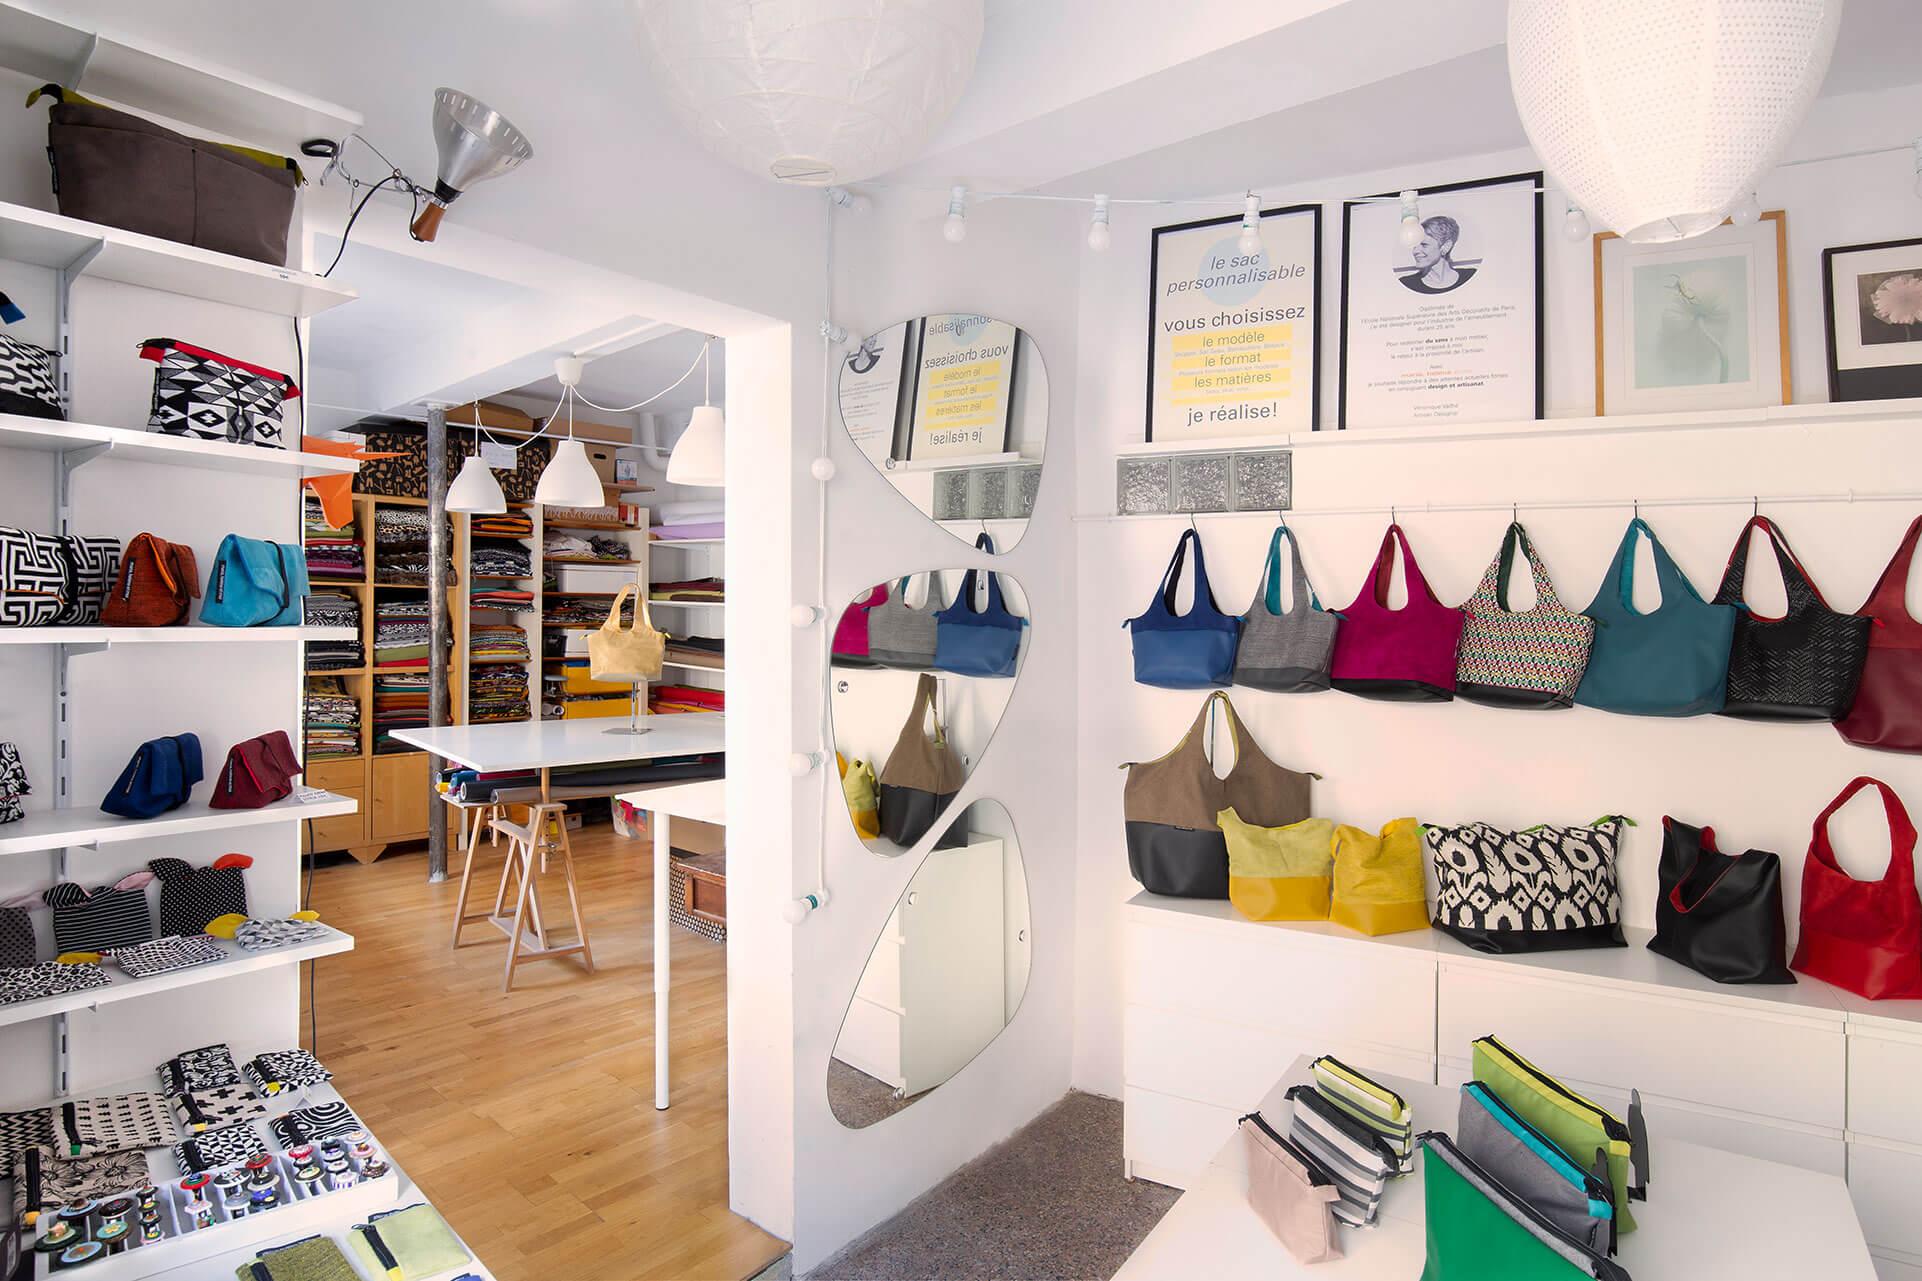 atelier-boutique-maria-helena-et-moi